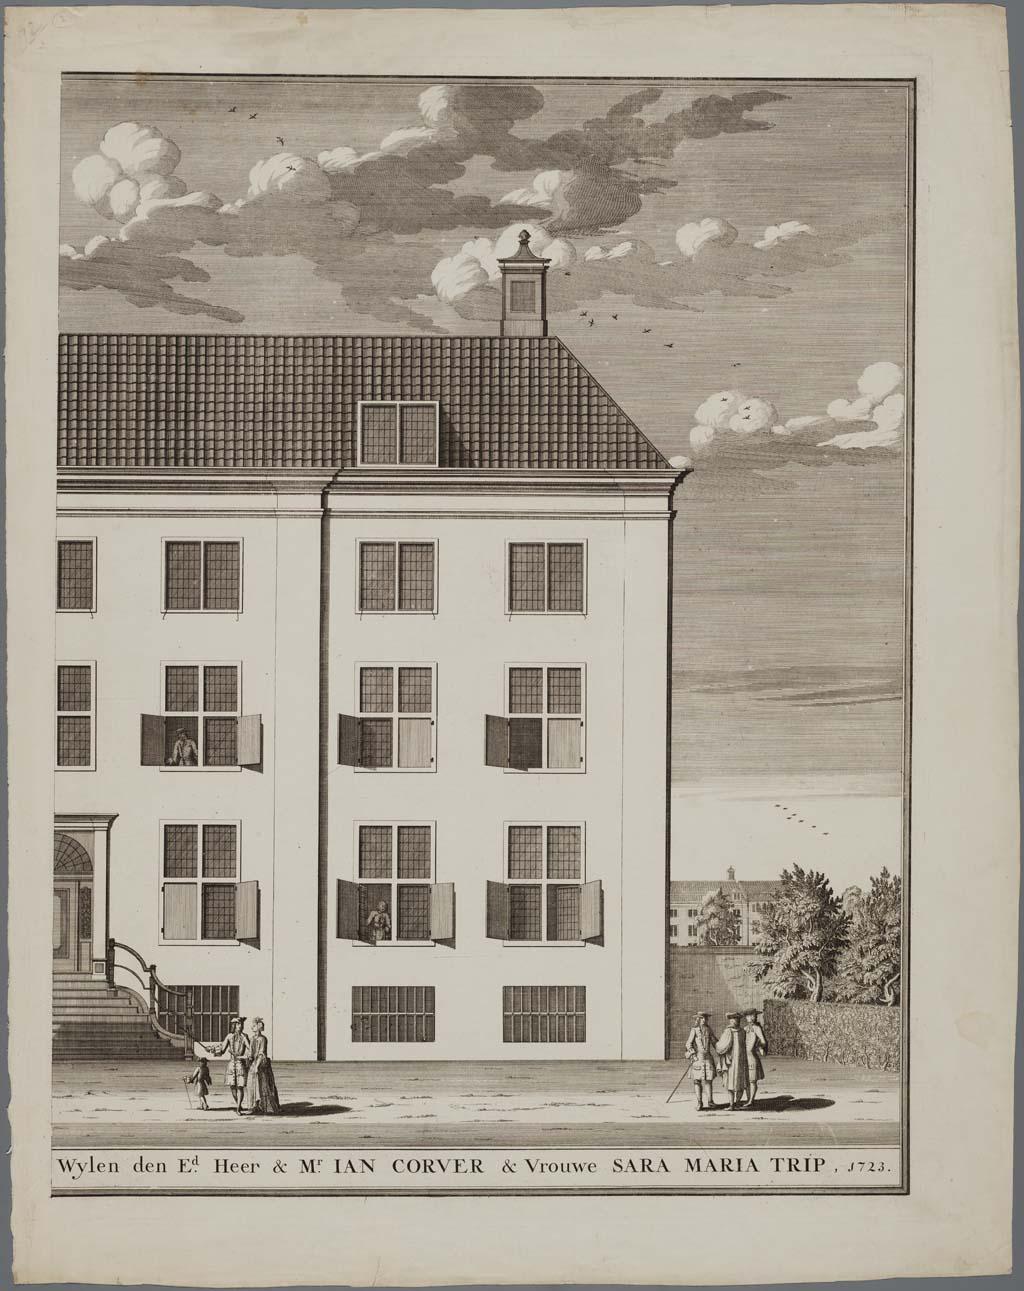 Het diaconie Gebou gestigt uyt de Erfenisse op bevel en ter gedagtenisse van Wylen den Ed. Heer en Mr. Ian Corver & Vrouwe Sara Maria Trip, 1723, 2-delige prent van het Corvershof, Nieuwe Heerengracht, Amsterdam (achterzijde)(rechterhelft)